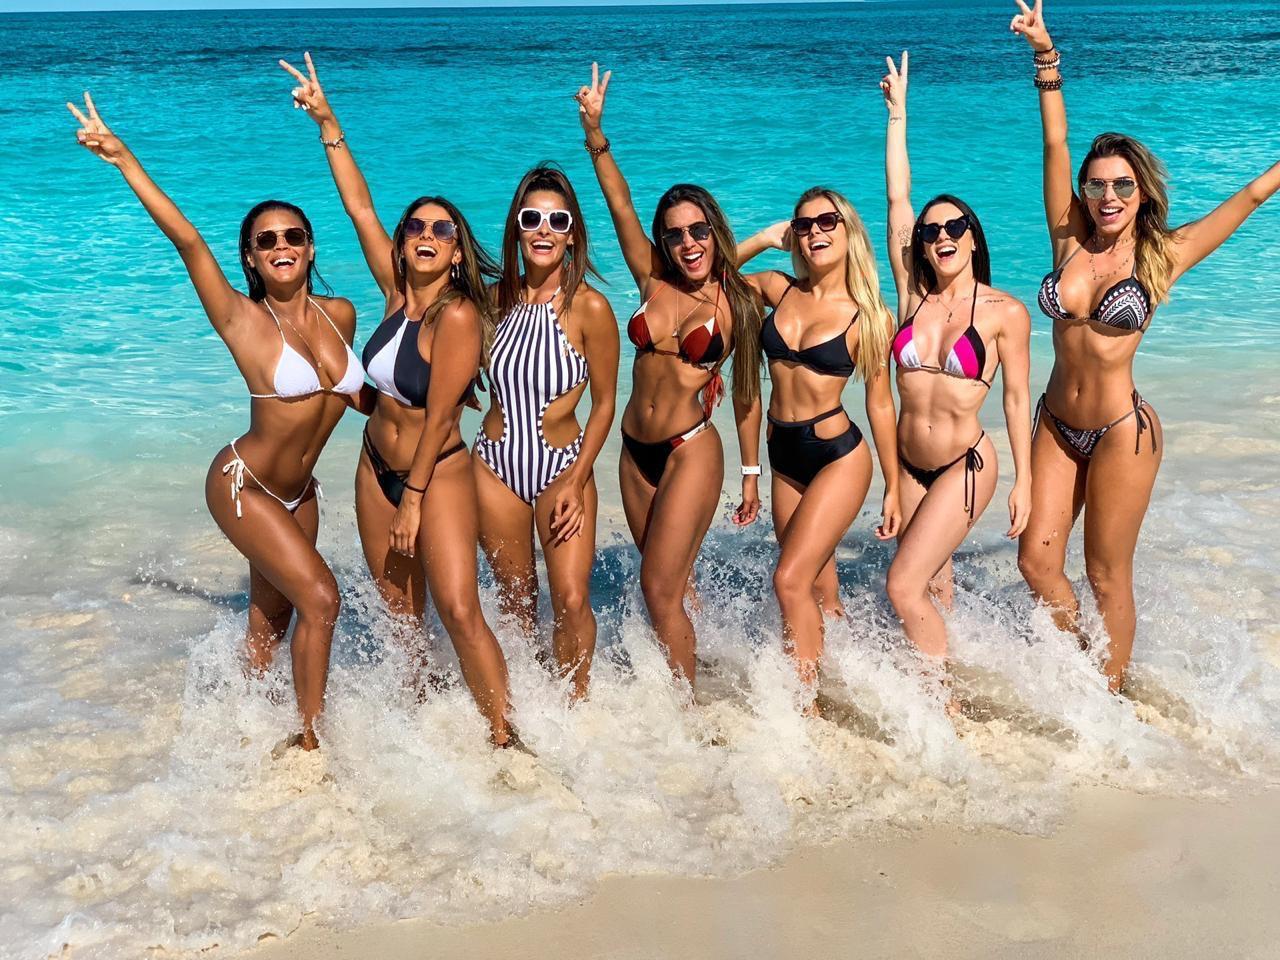 Tainá Grando e bailarinas do Faustão se reúnem em Miami e fazem cruzeiro rumo às Bahamas